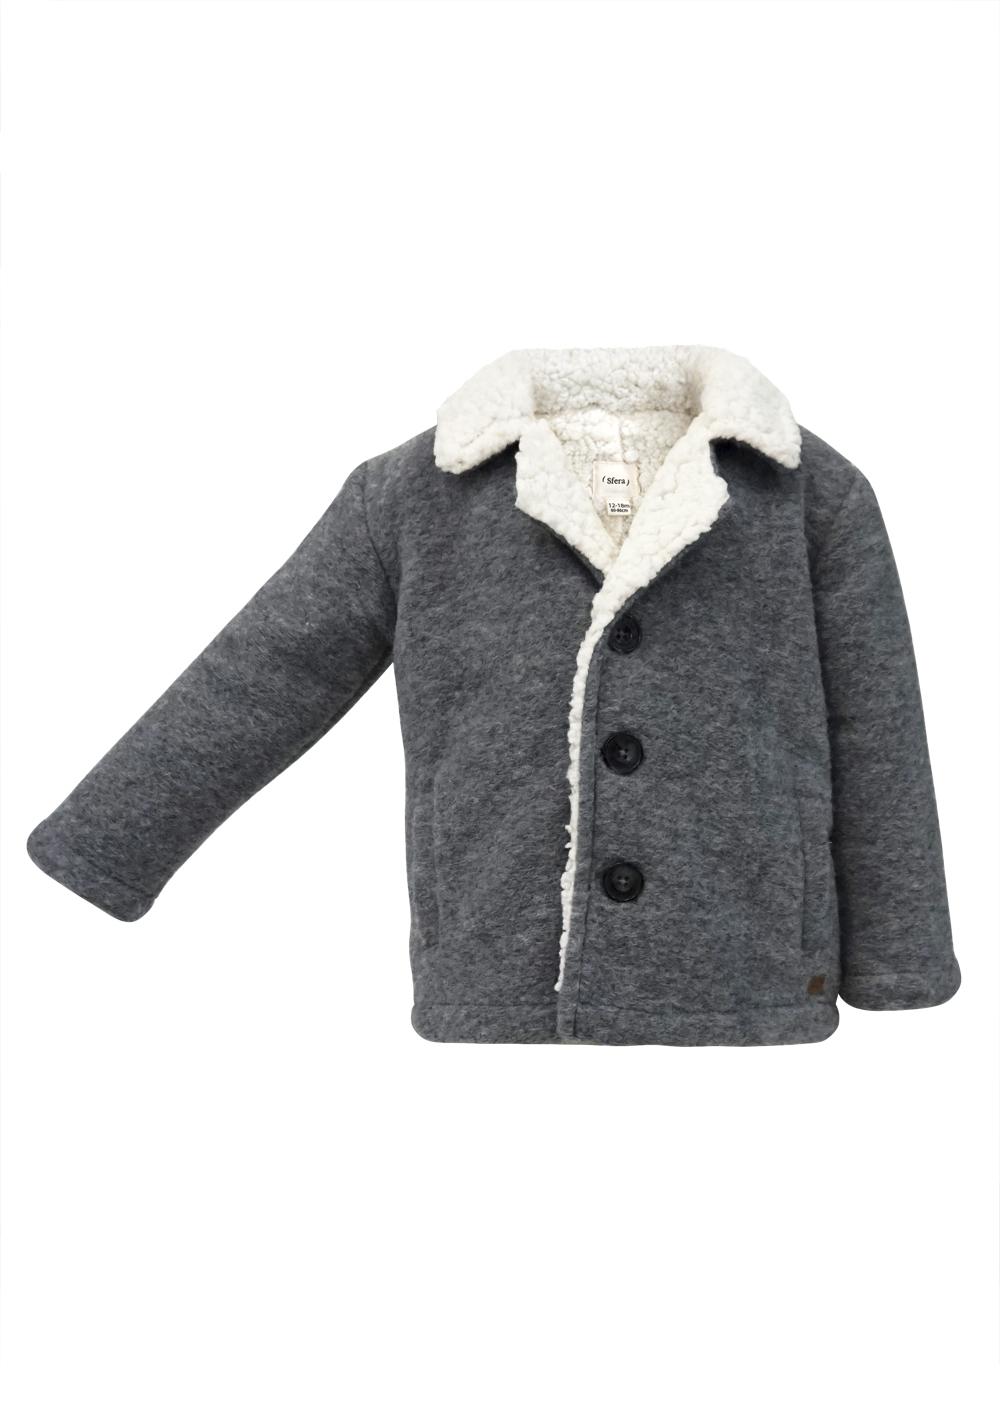 4746f5641 Newborn-Jacket 9